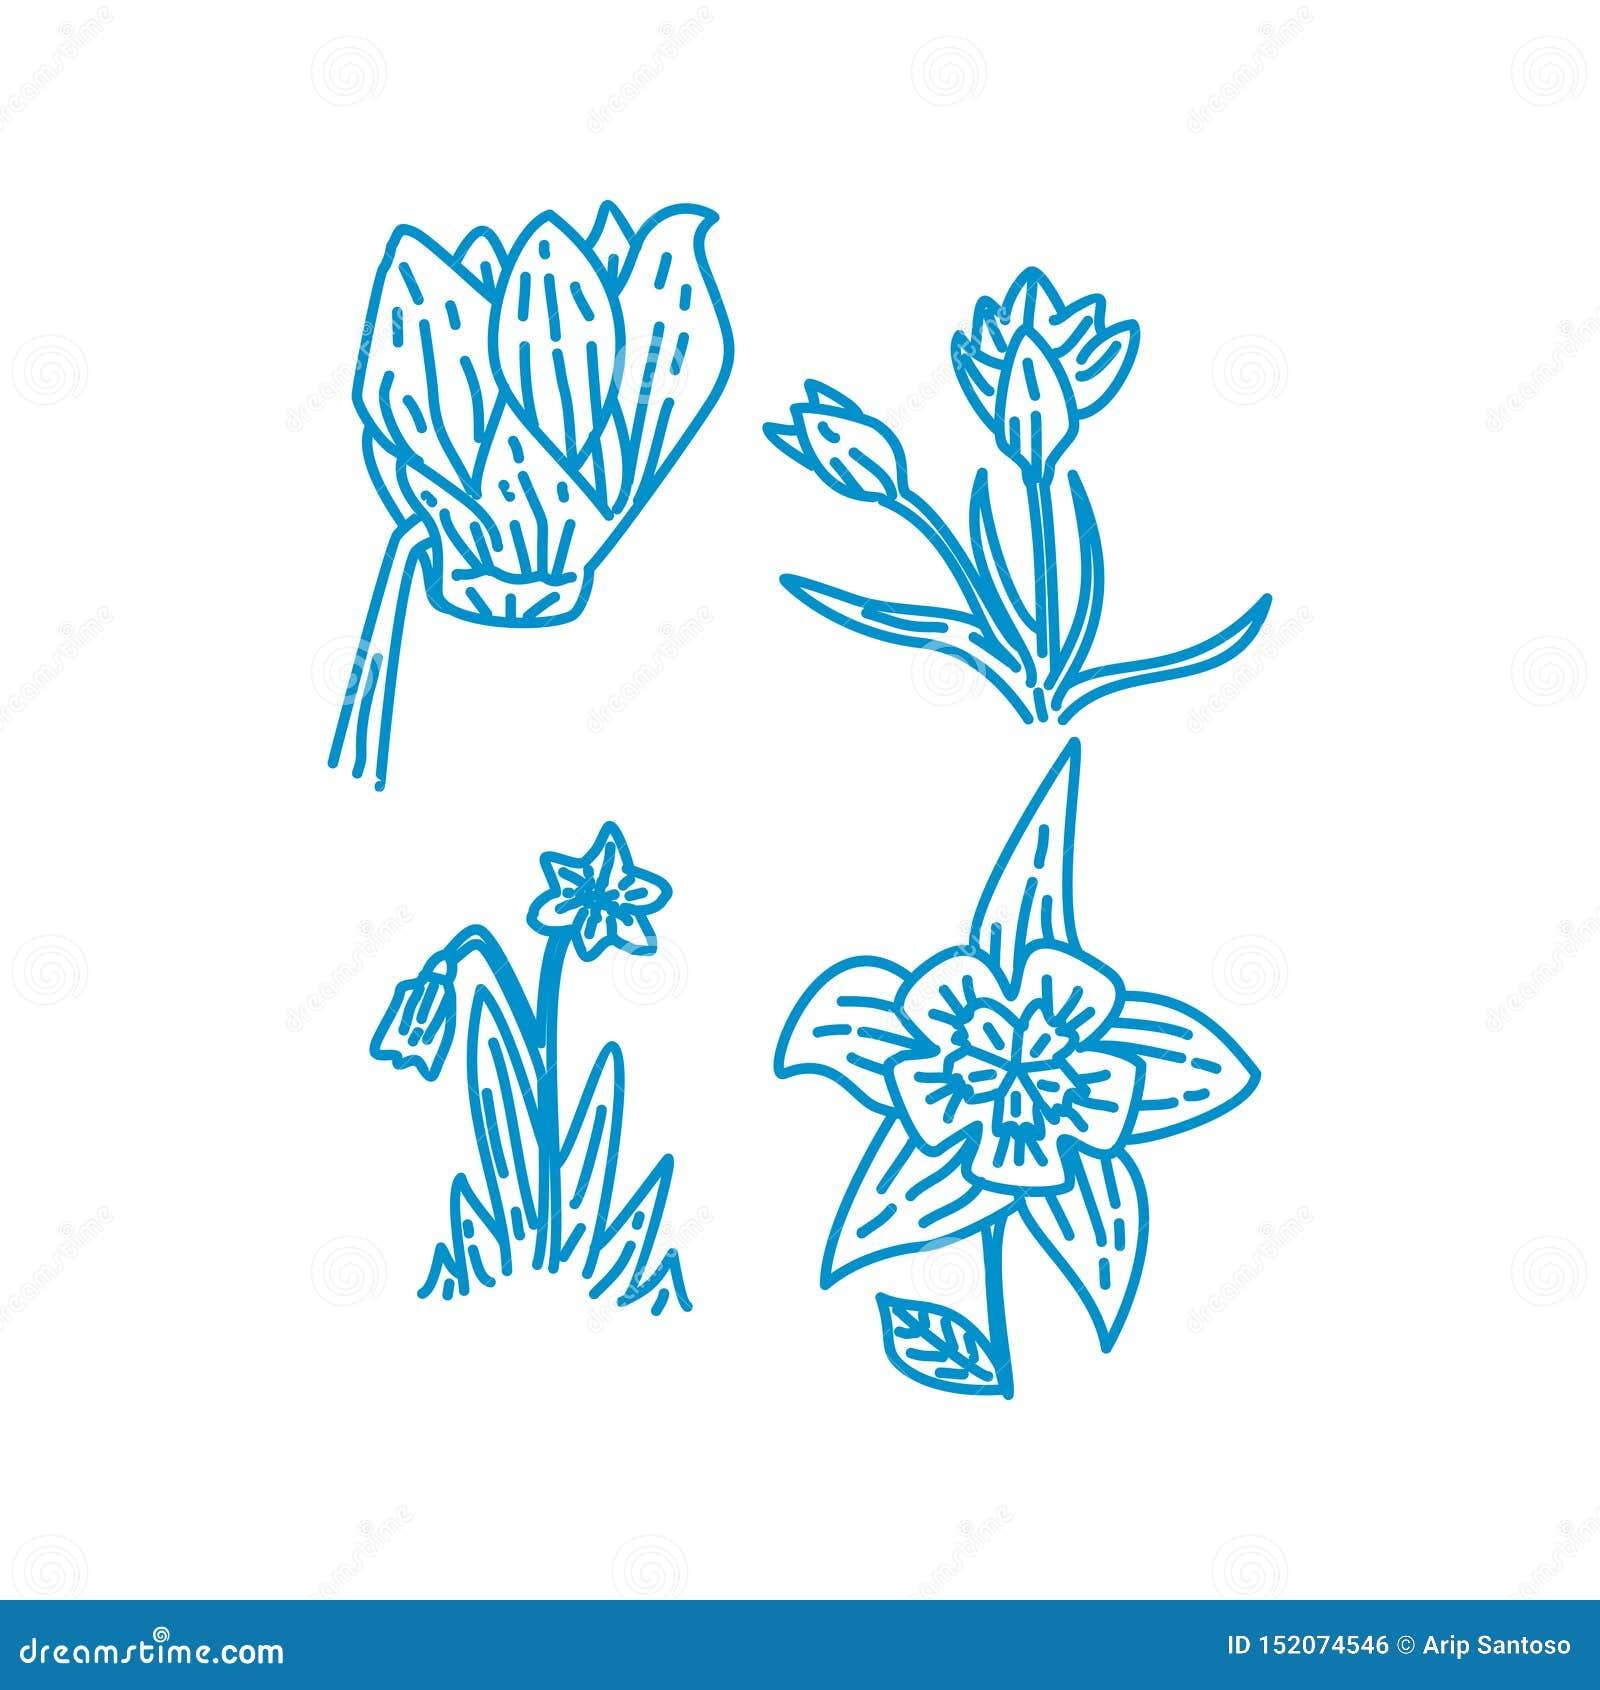 Blumen-Blatt-Illustrations-Entwurfs-Schablonen-Vektor linear